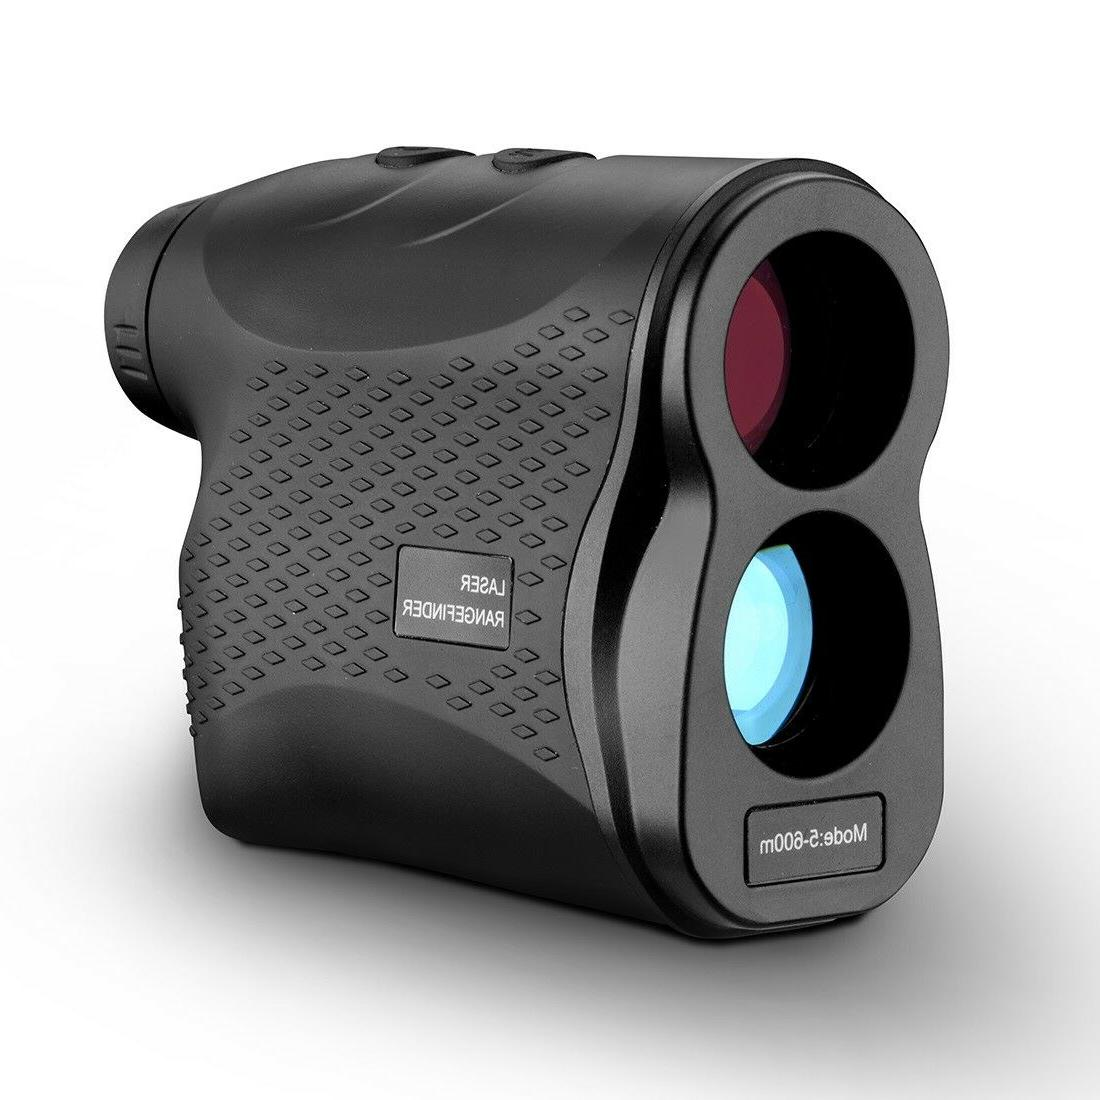 dekopro laser rangefinder